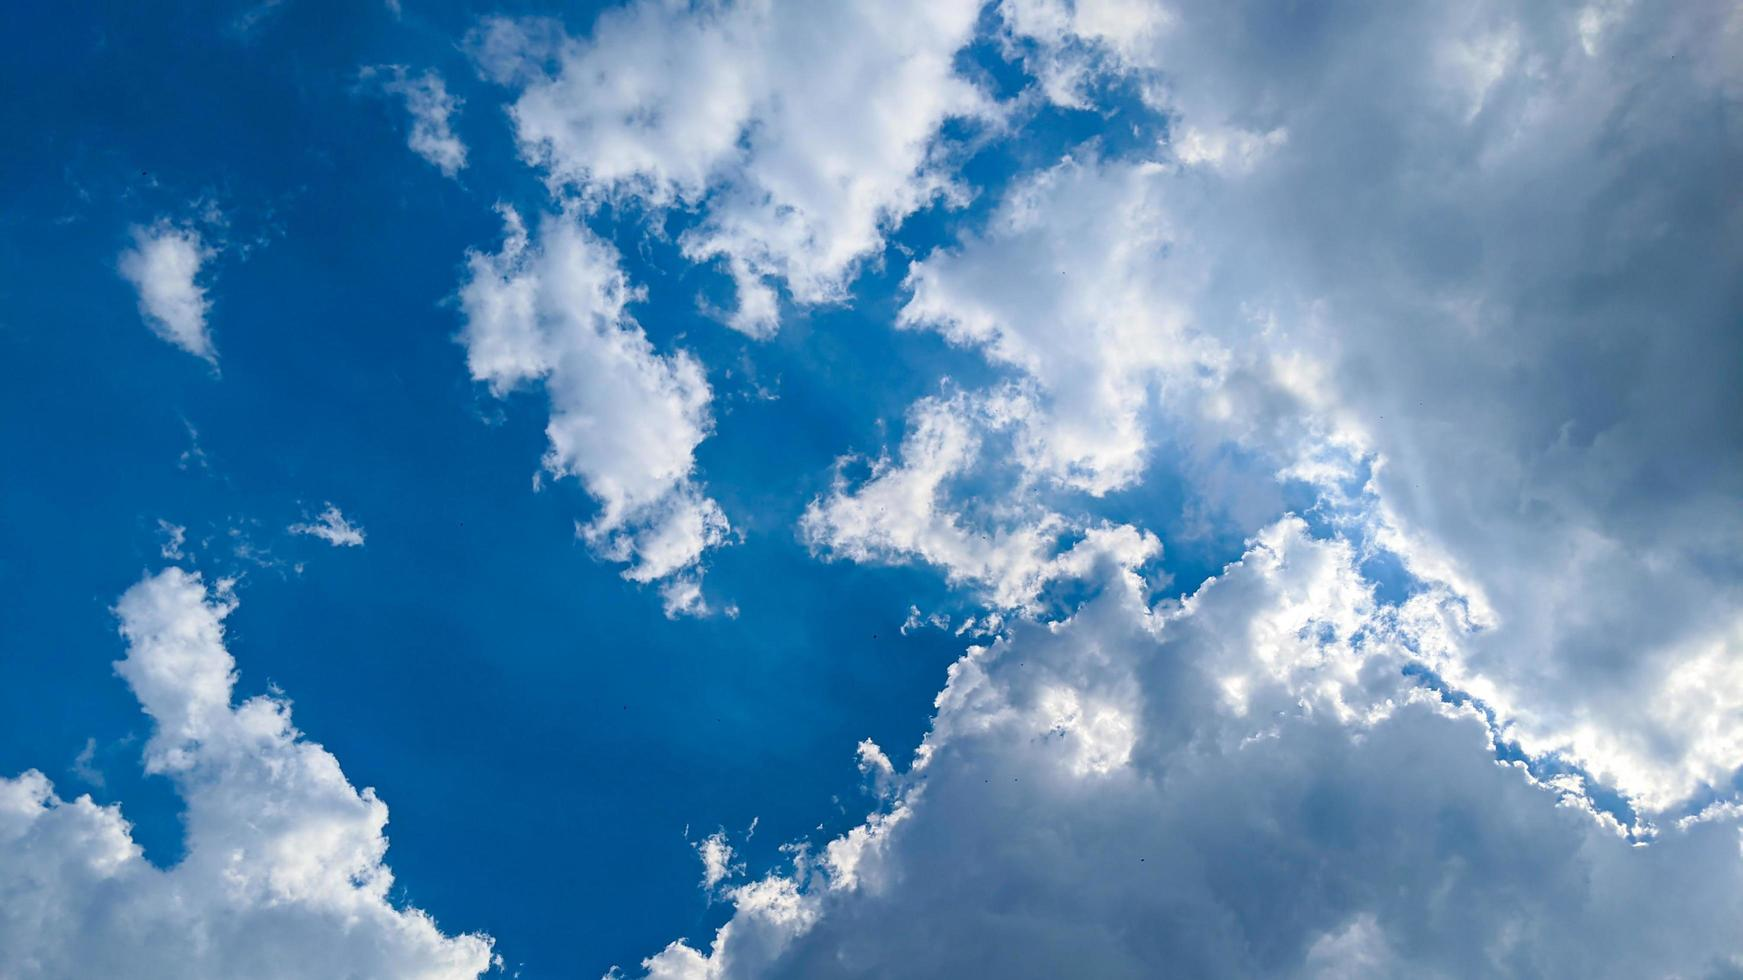 vackra moln och blå himmel i dagsljus foto